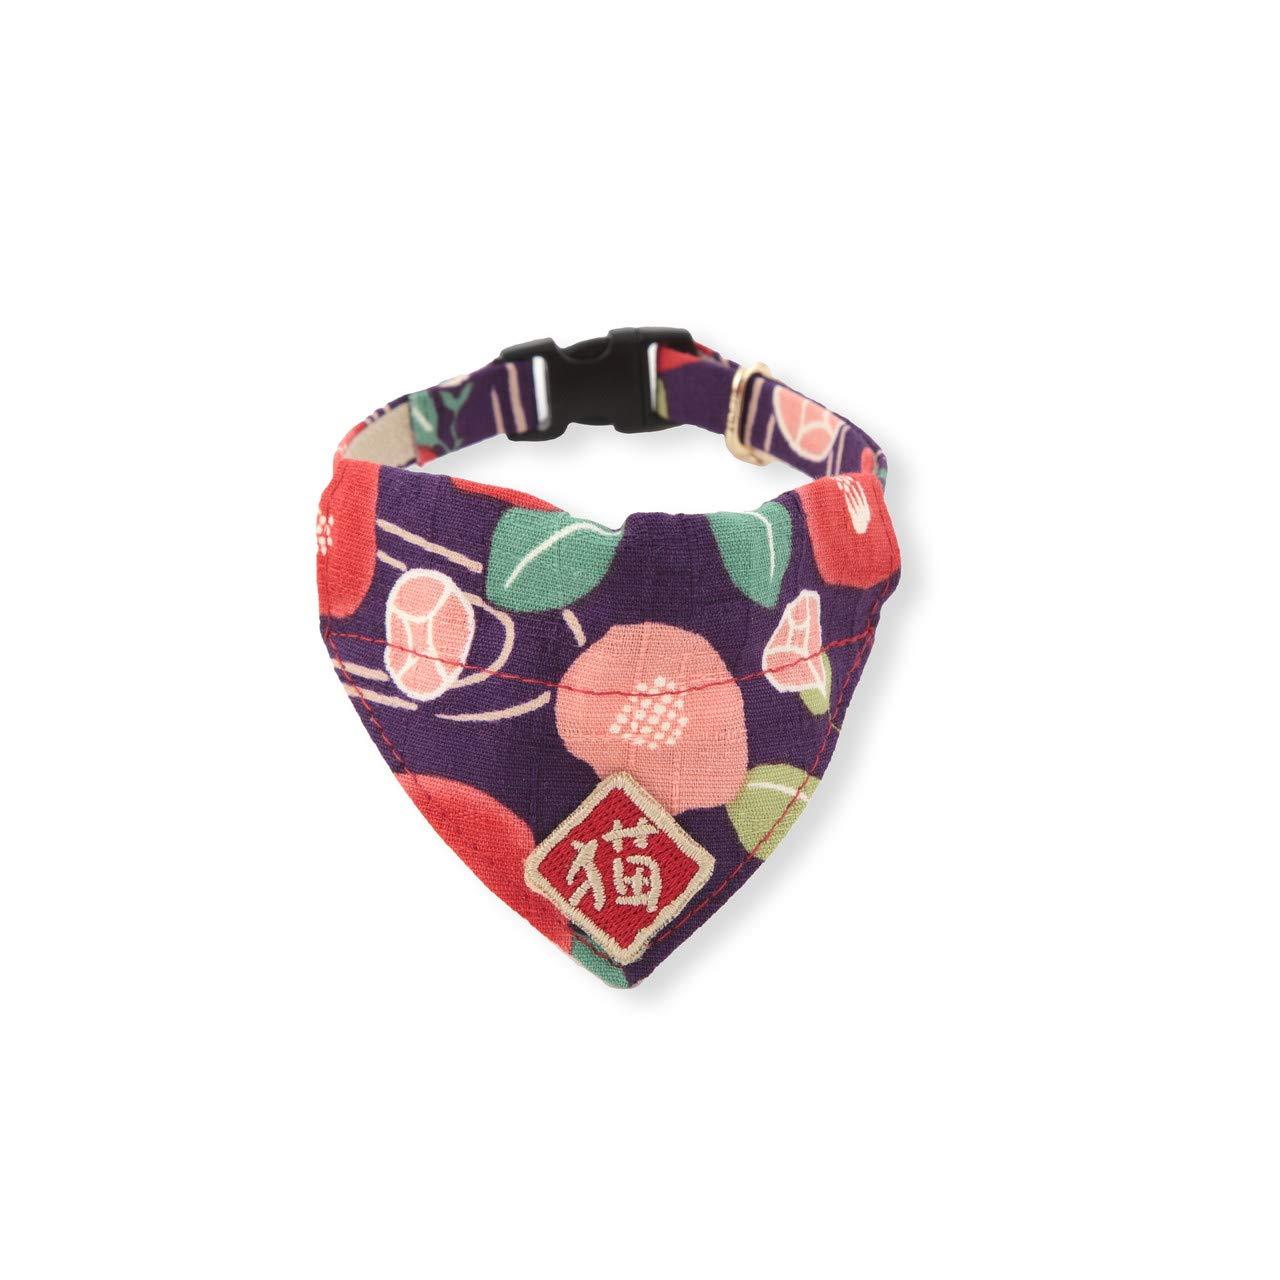 Necoichi Kimono Cat Bandana Collar (Purple) by Necoichi